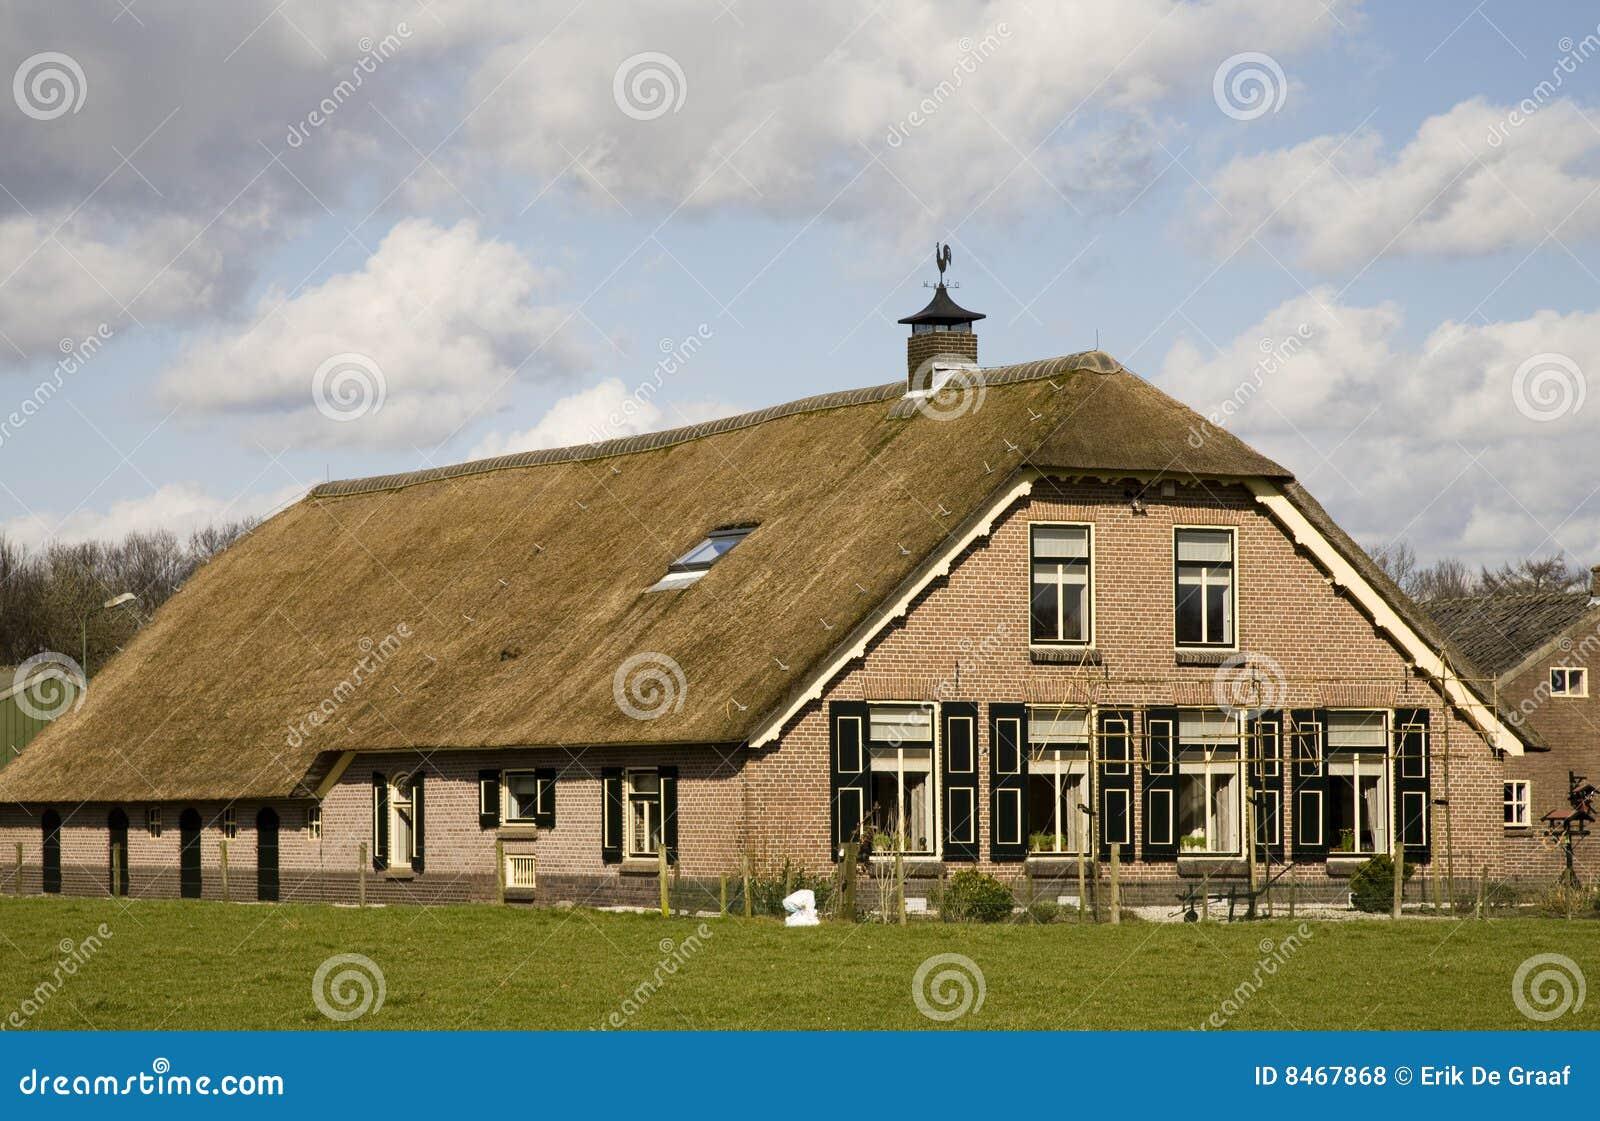 Dutch farm house royalty free stock photos image 8467868 Farm house netherlands